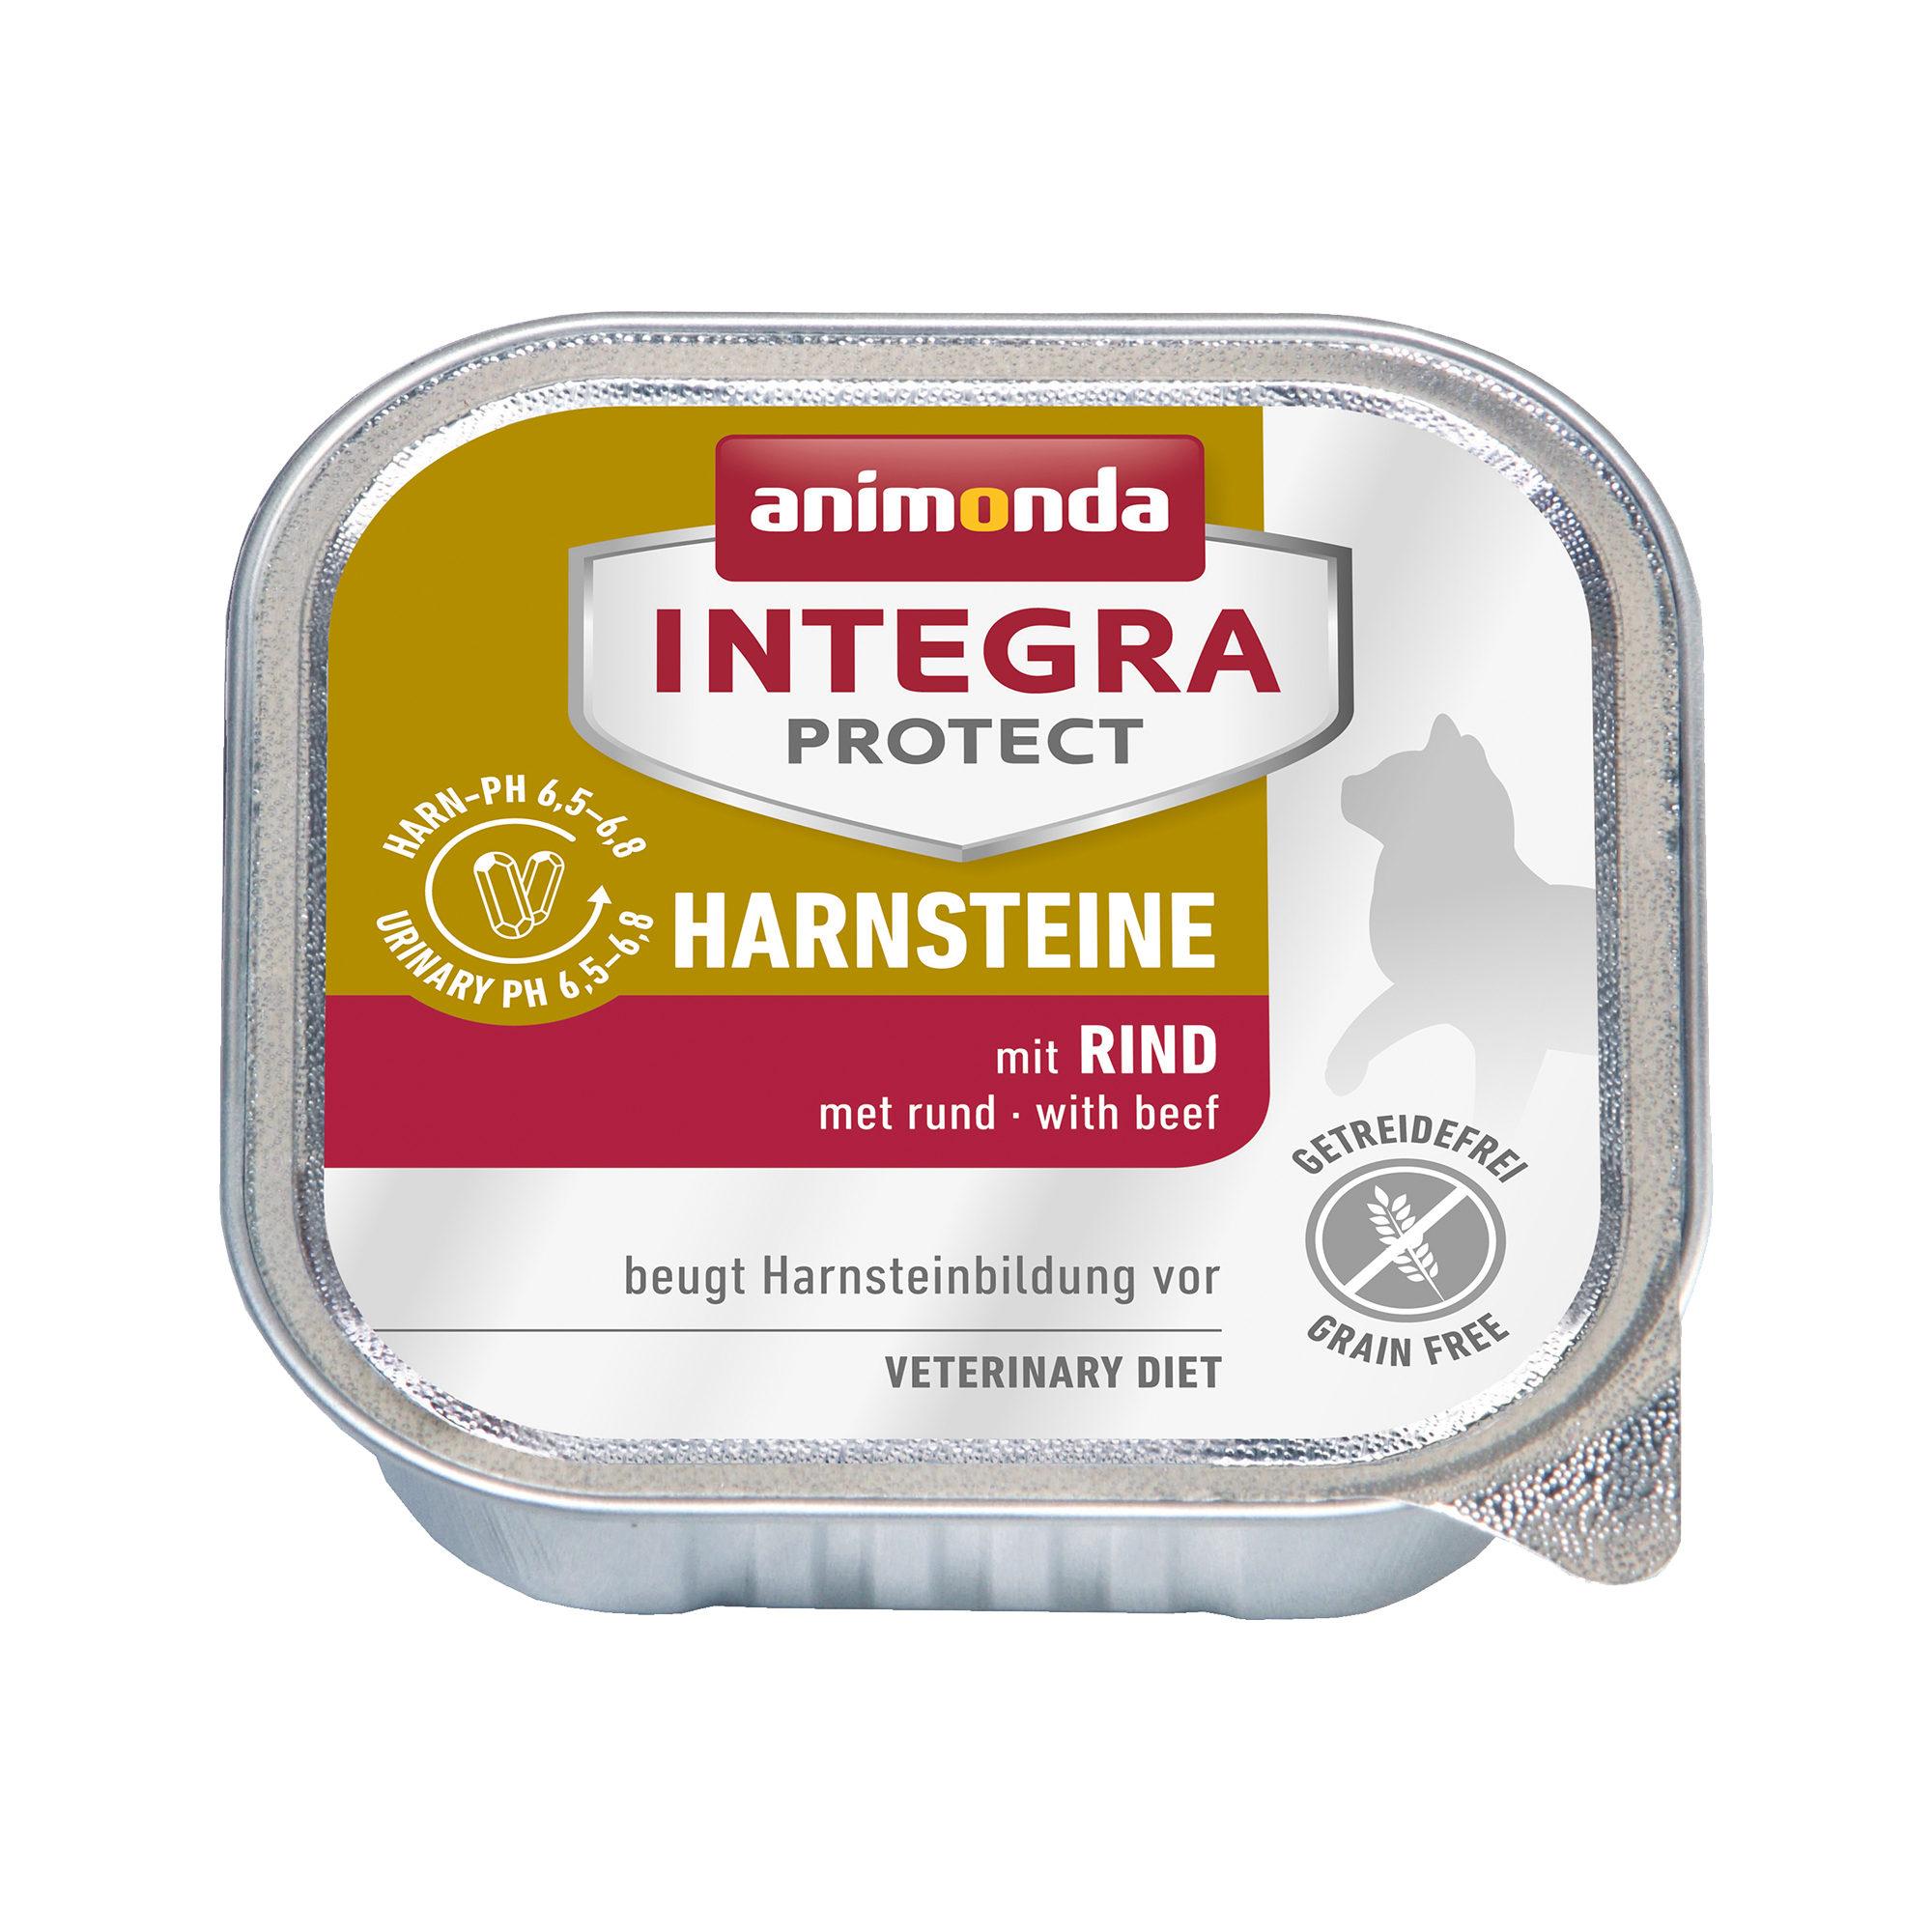 Animonda Integra Protect Harnsteine Katzenfutter - Schälchen - Rind - 16 x 100 g